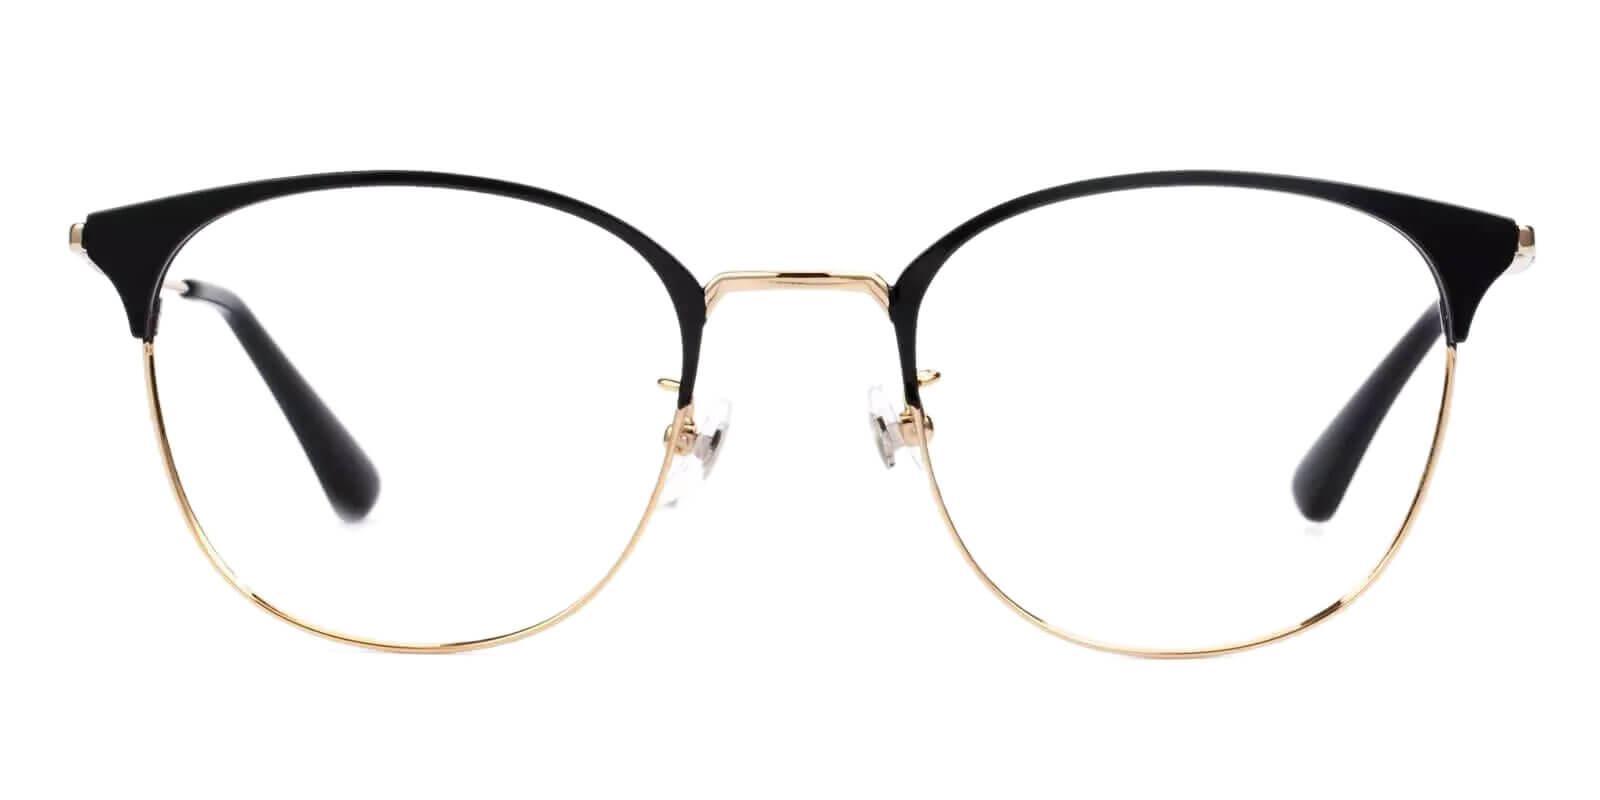 Delilah Gold Titanium NosePads , Eyeglasses , Lightweight Frames from ABBE Glasses